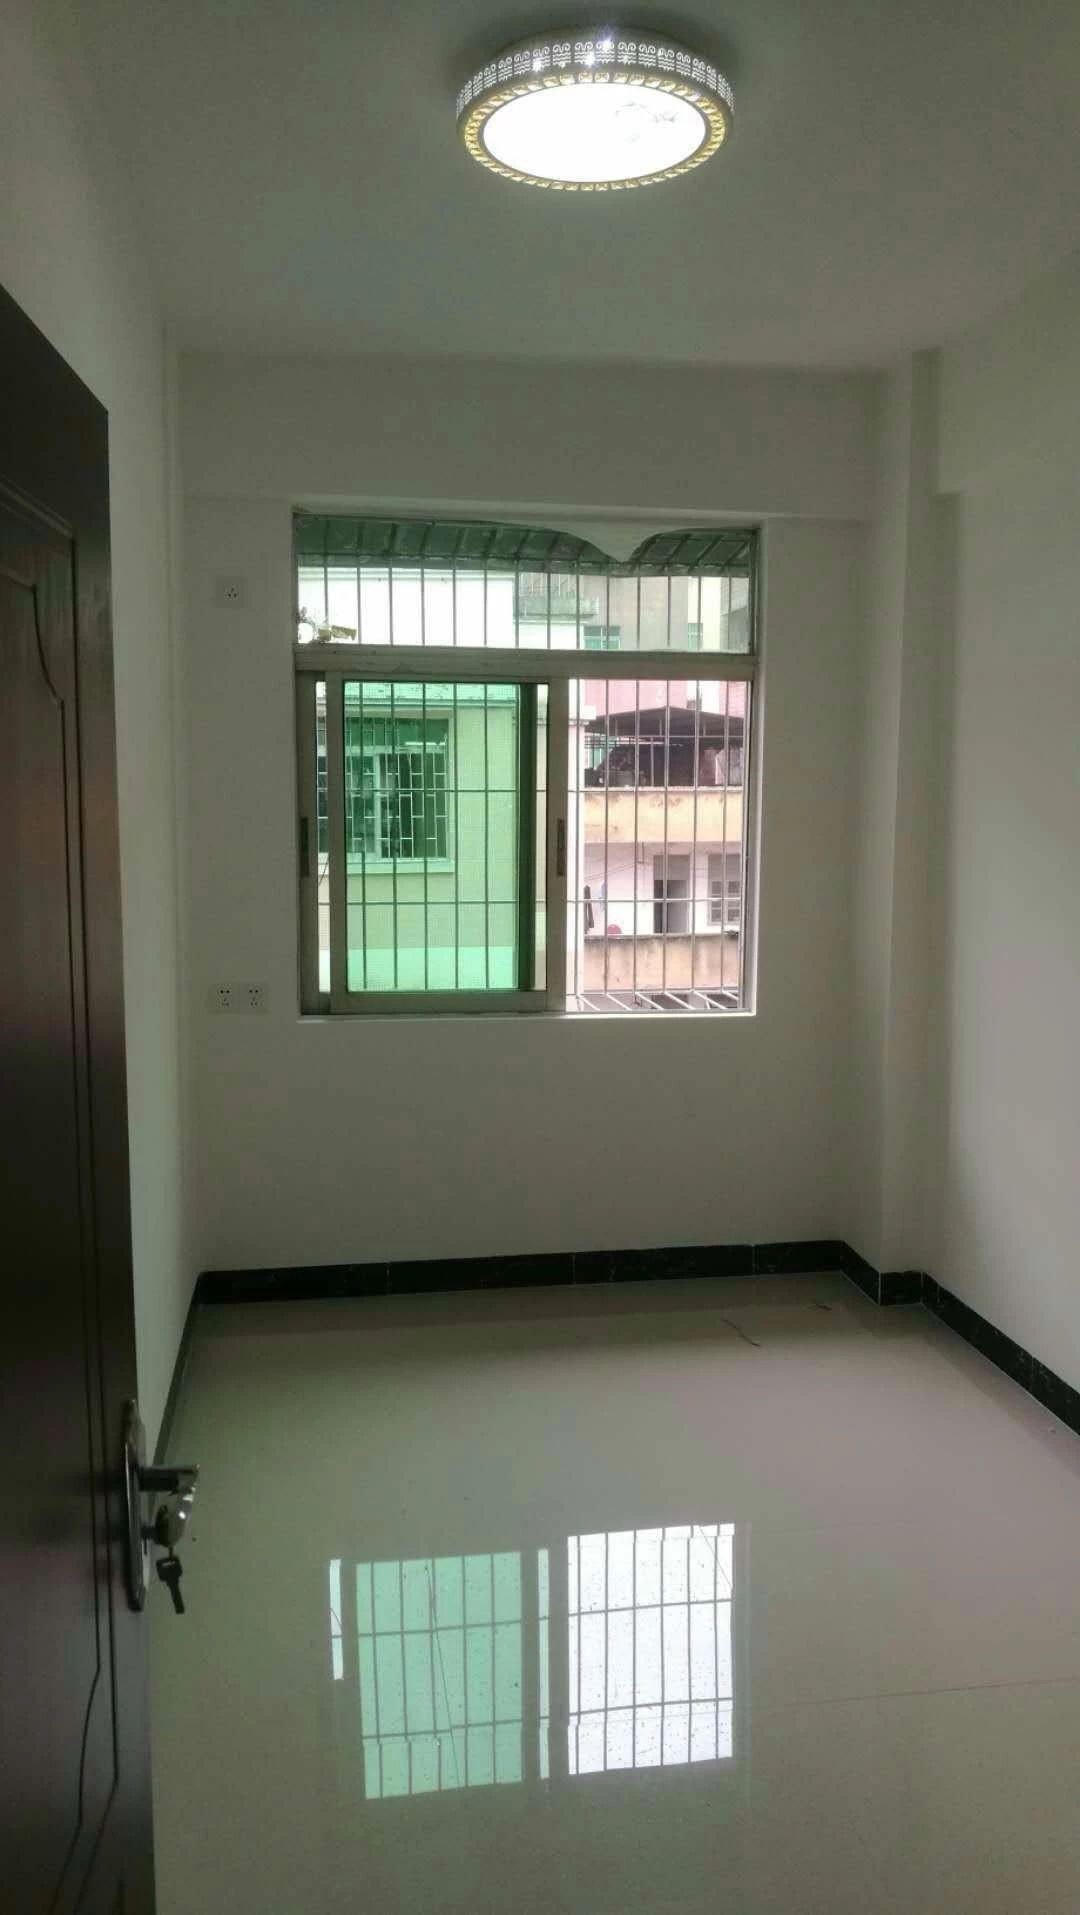 花城北路住宅   买一层用两层   带精装修   拎包入住  全新装修